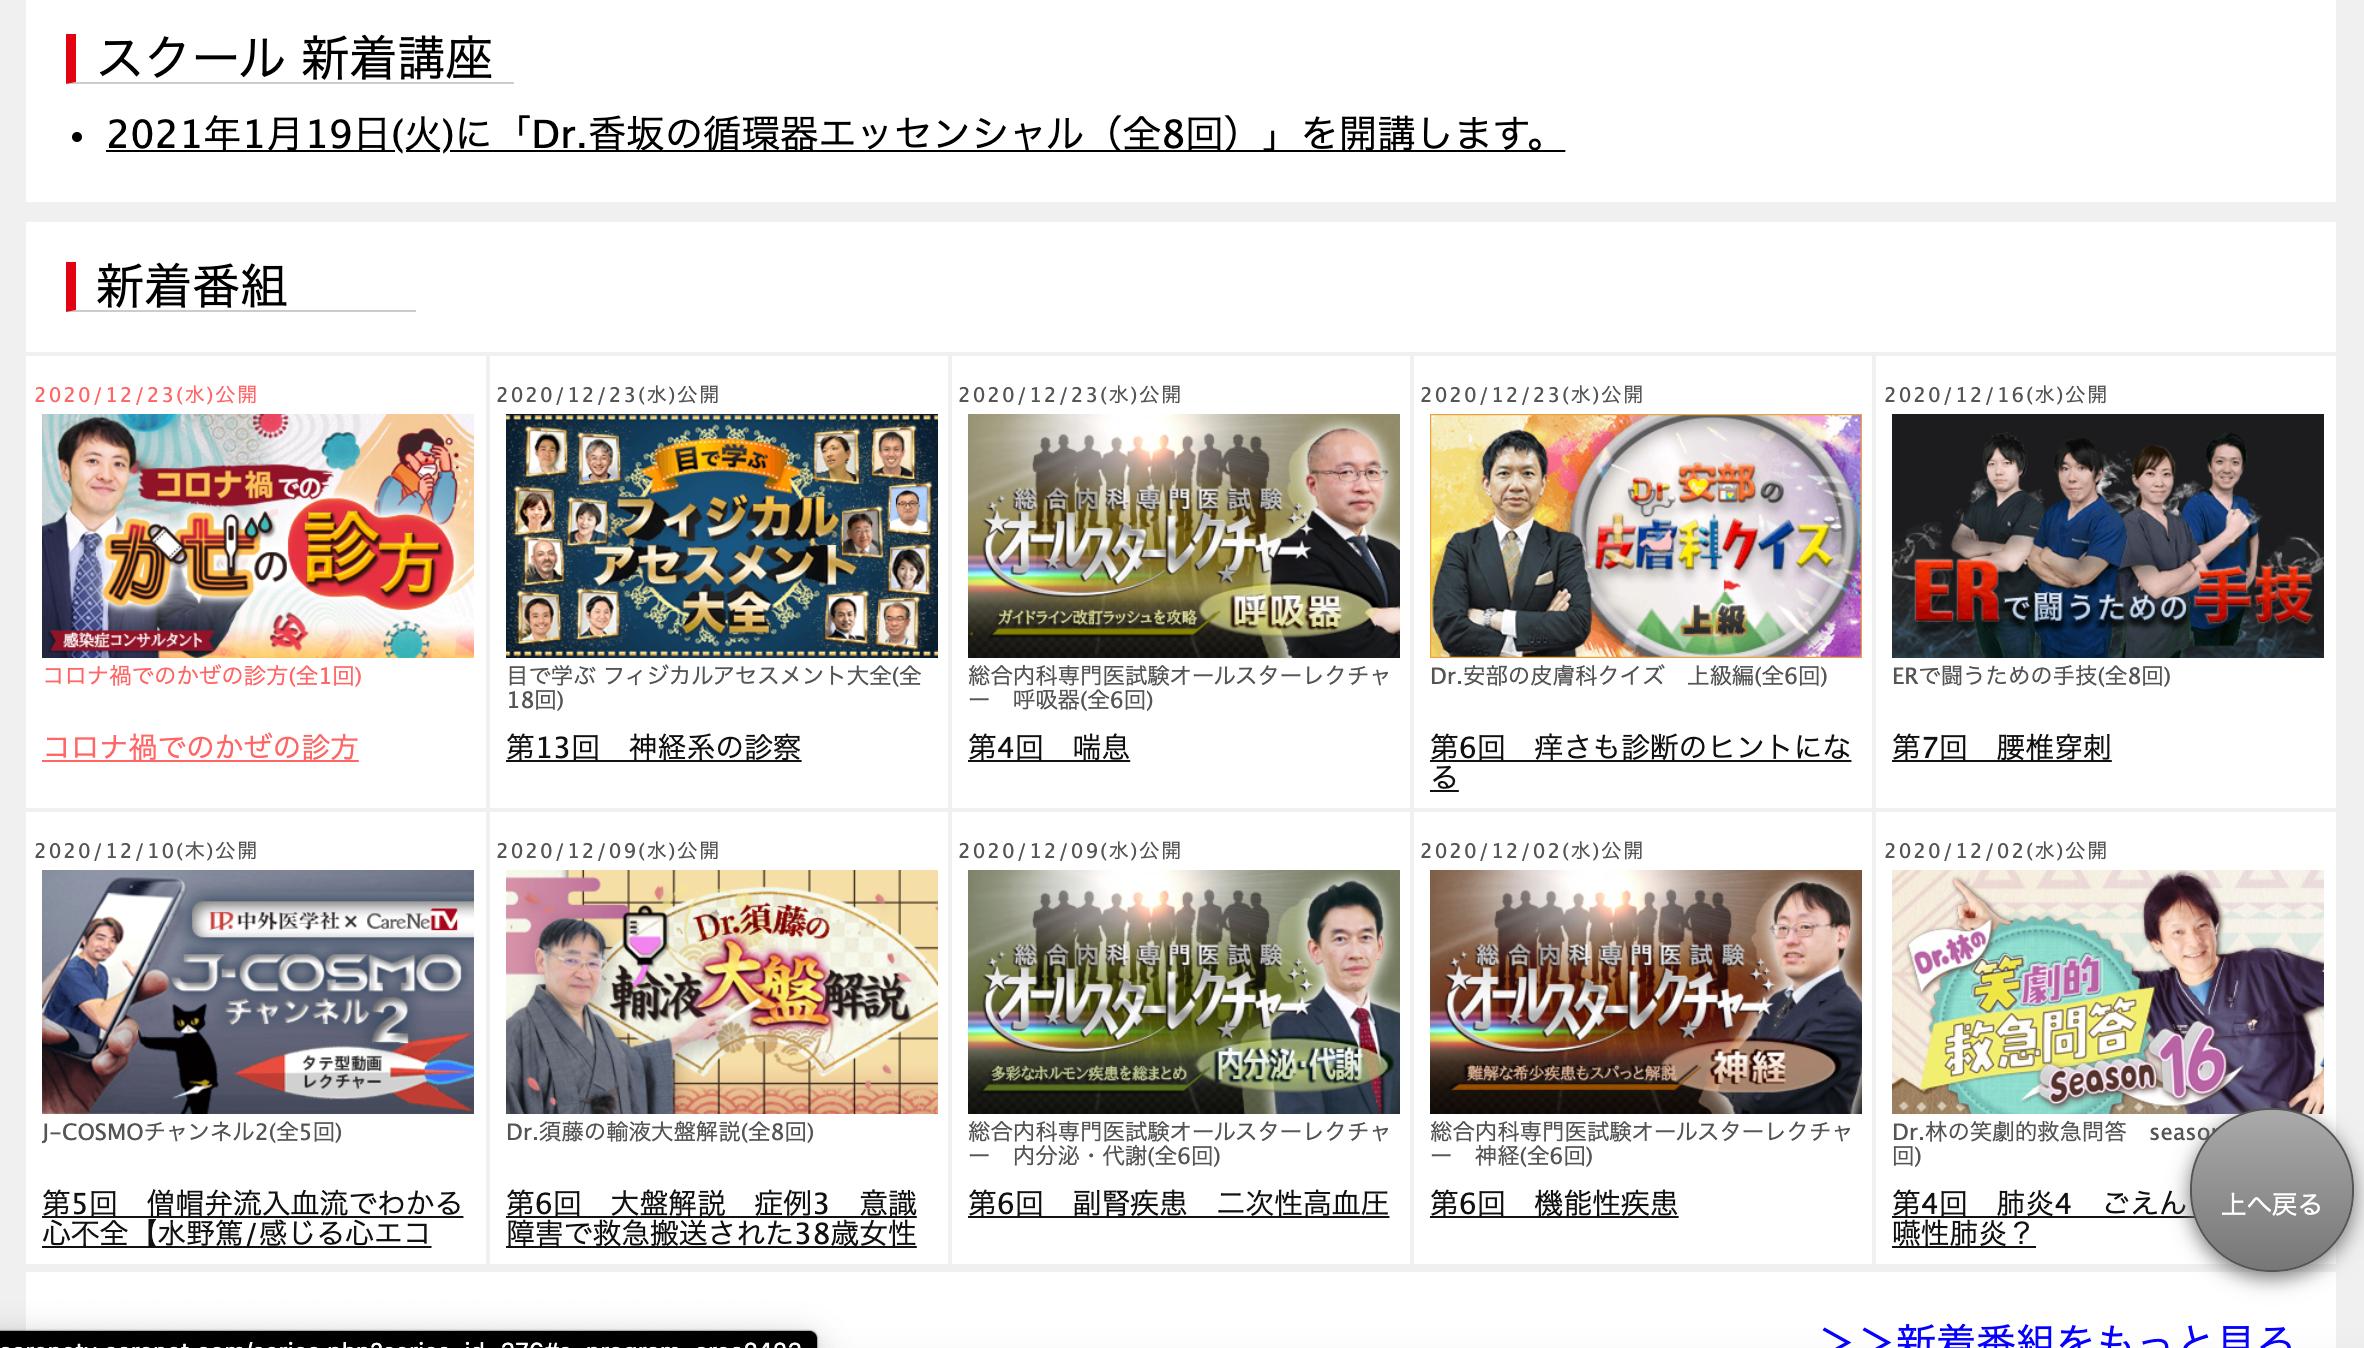 CareNet(ケアネット)ケアネットTV